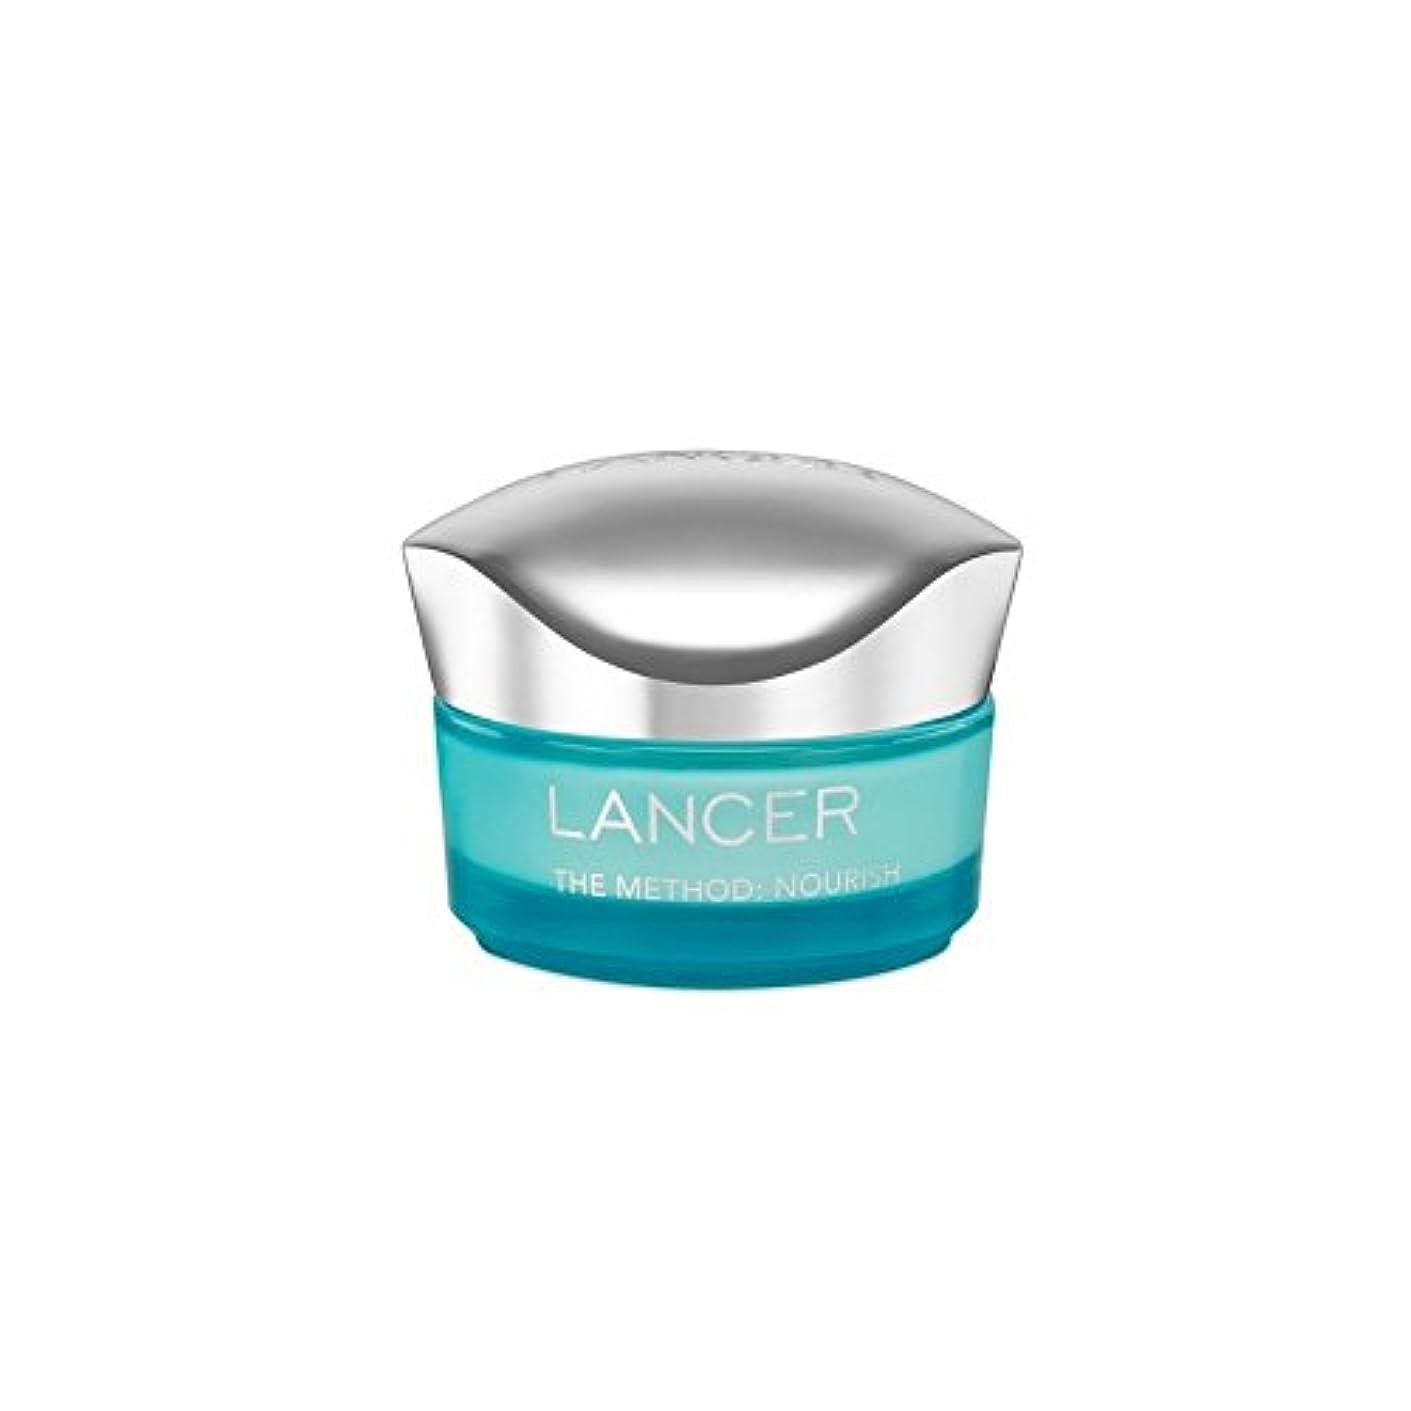 フォーラムなめらかな雄弁なLancer Skincare The Method: Nourish Moisturiser (50ml) (Pack of 6) - ランサーは、この方法をスキンケア:モイスチャライザー(50)に栄養を与えます x6...